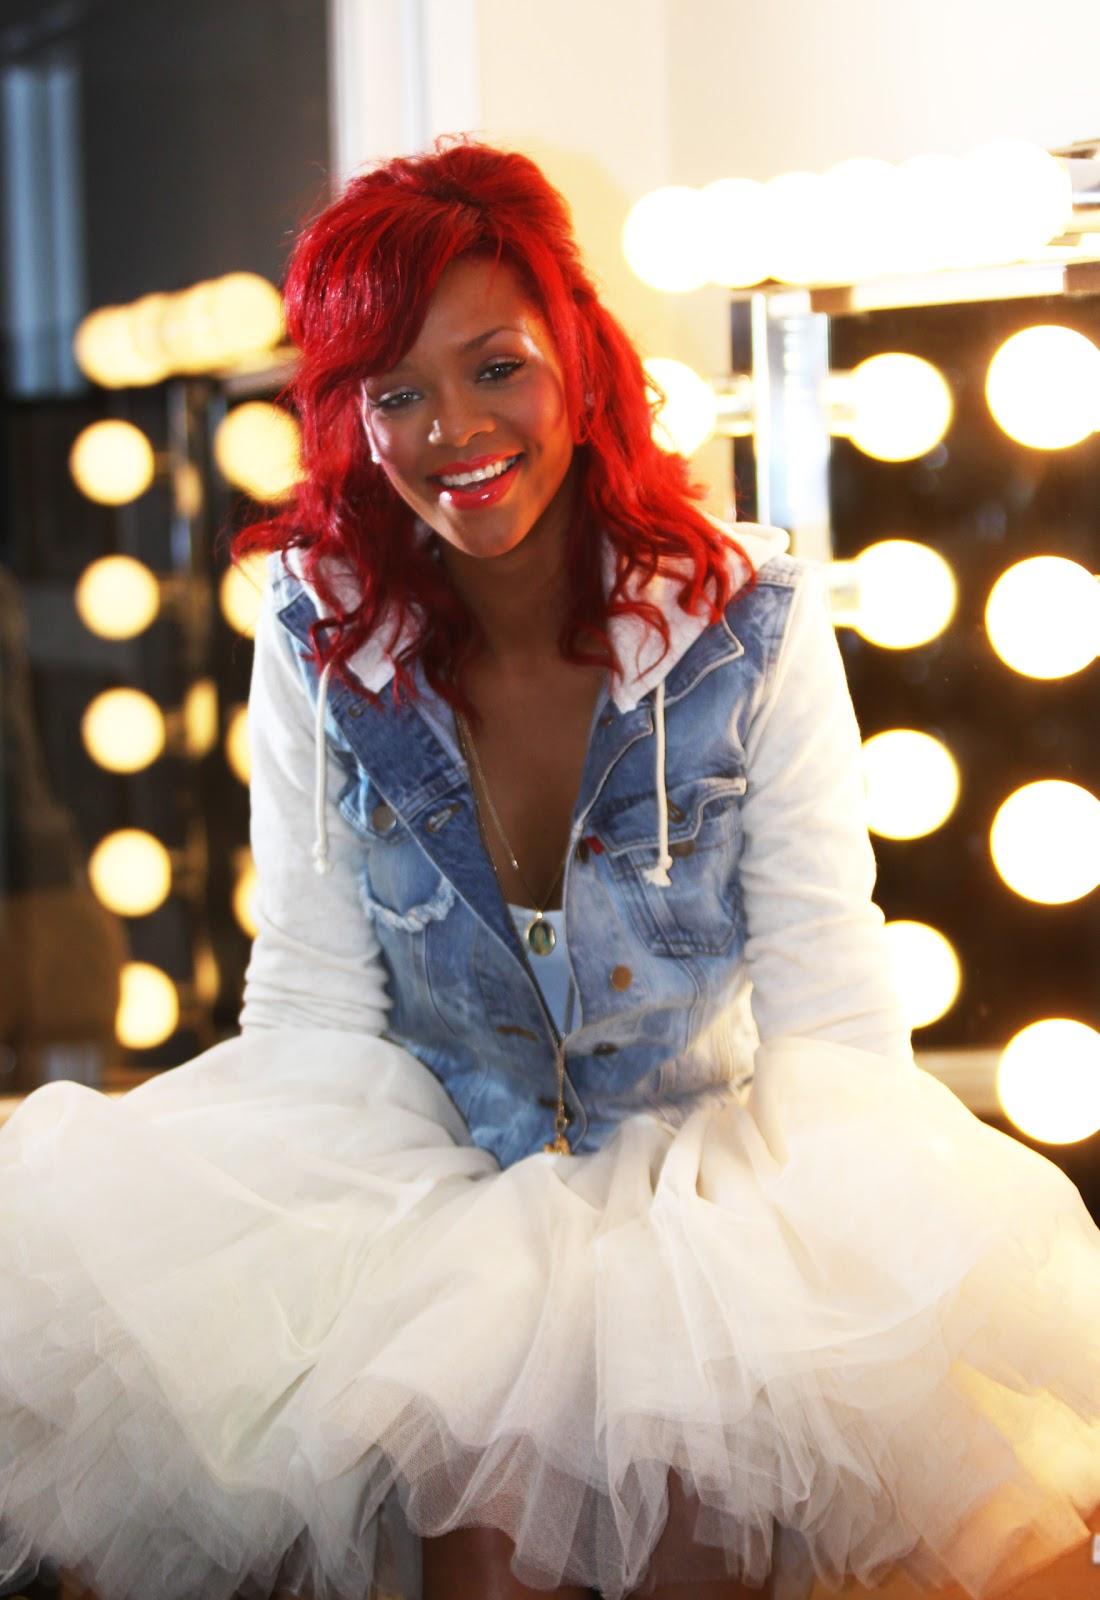 Rihanna 2011 Photoshoot